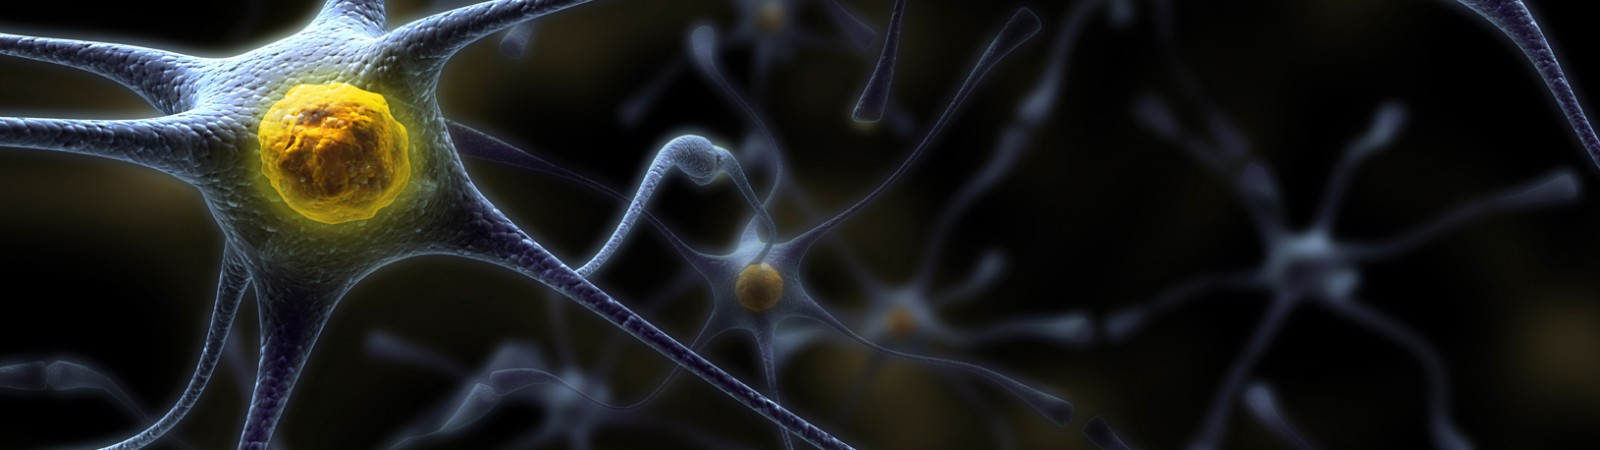 3D-принтер поможет восстановить поврежденные нервы